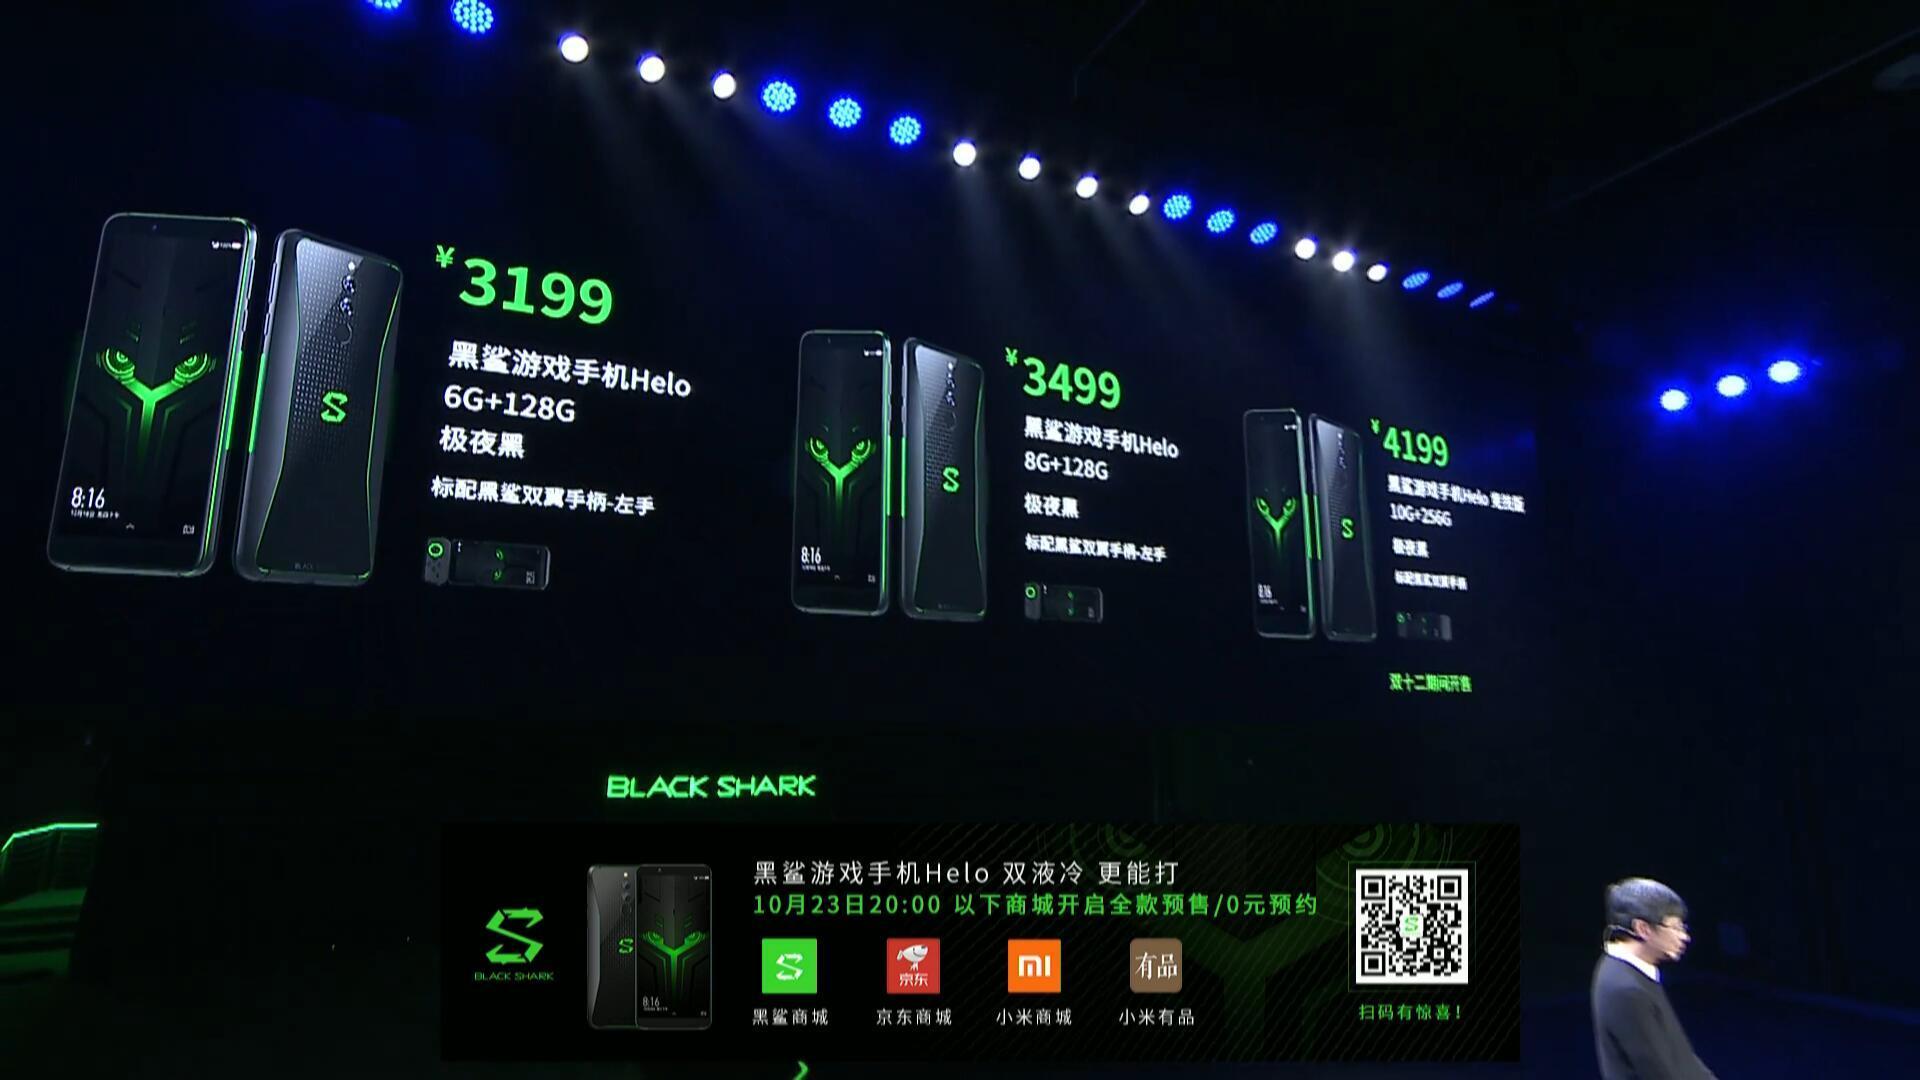 黑鲨新款游戏手机Helo发布,张大仙荣当黑鲨首席体验官